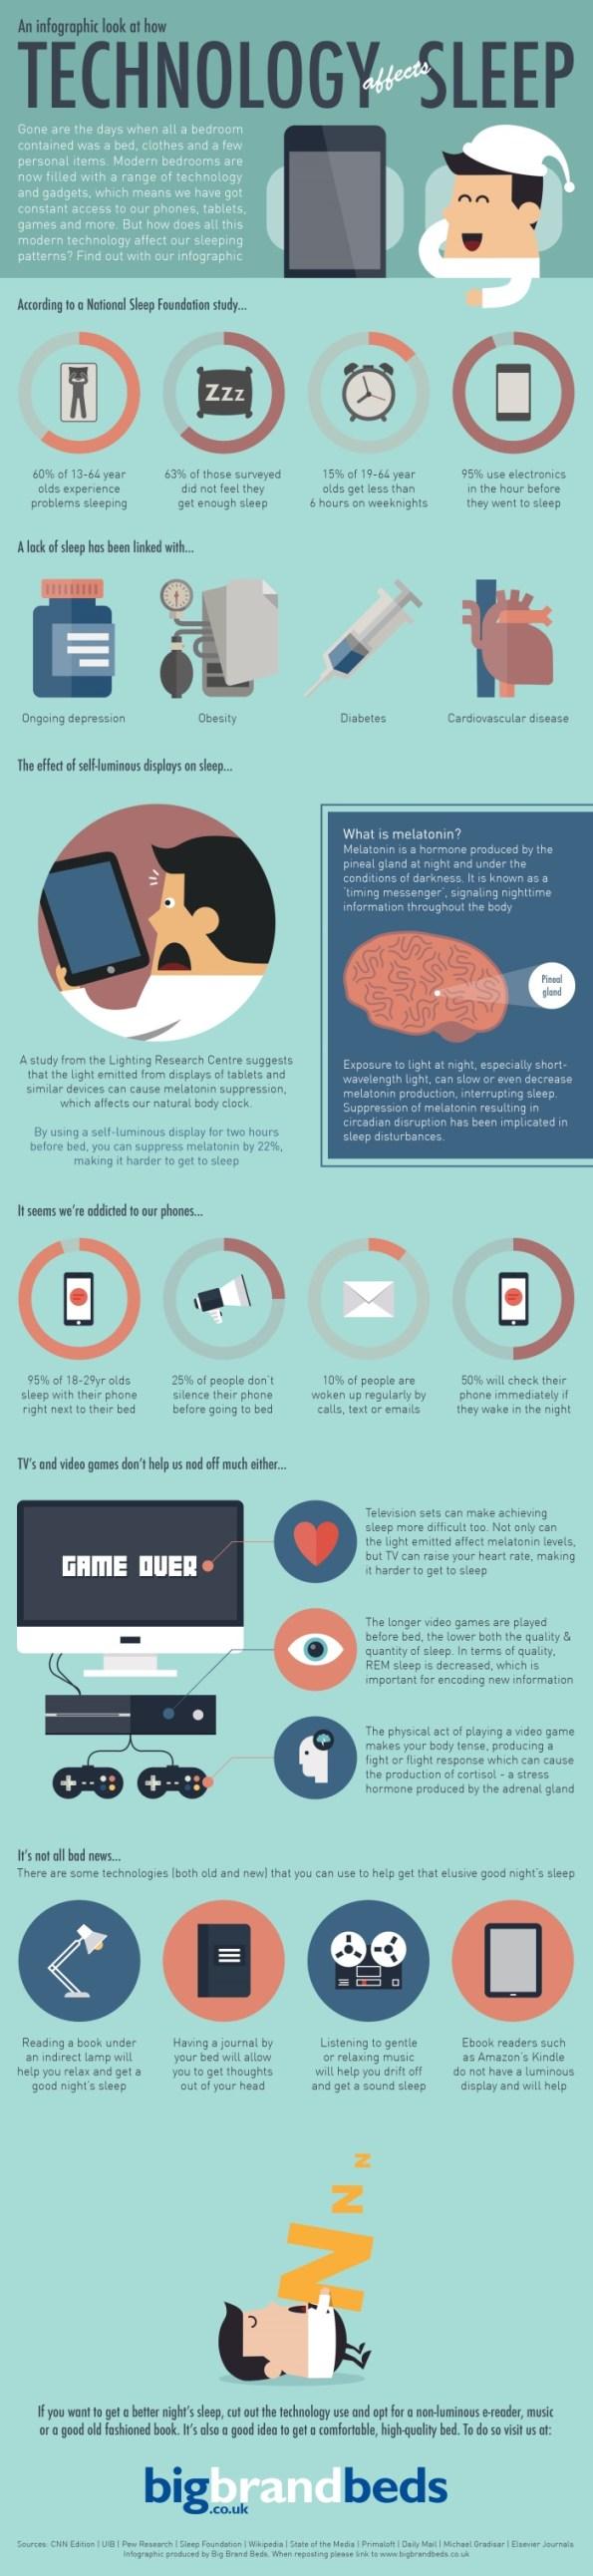 como-la-tecnologia-afecta-nuestro-suenio-unpocogeek.com